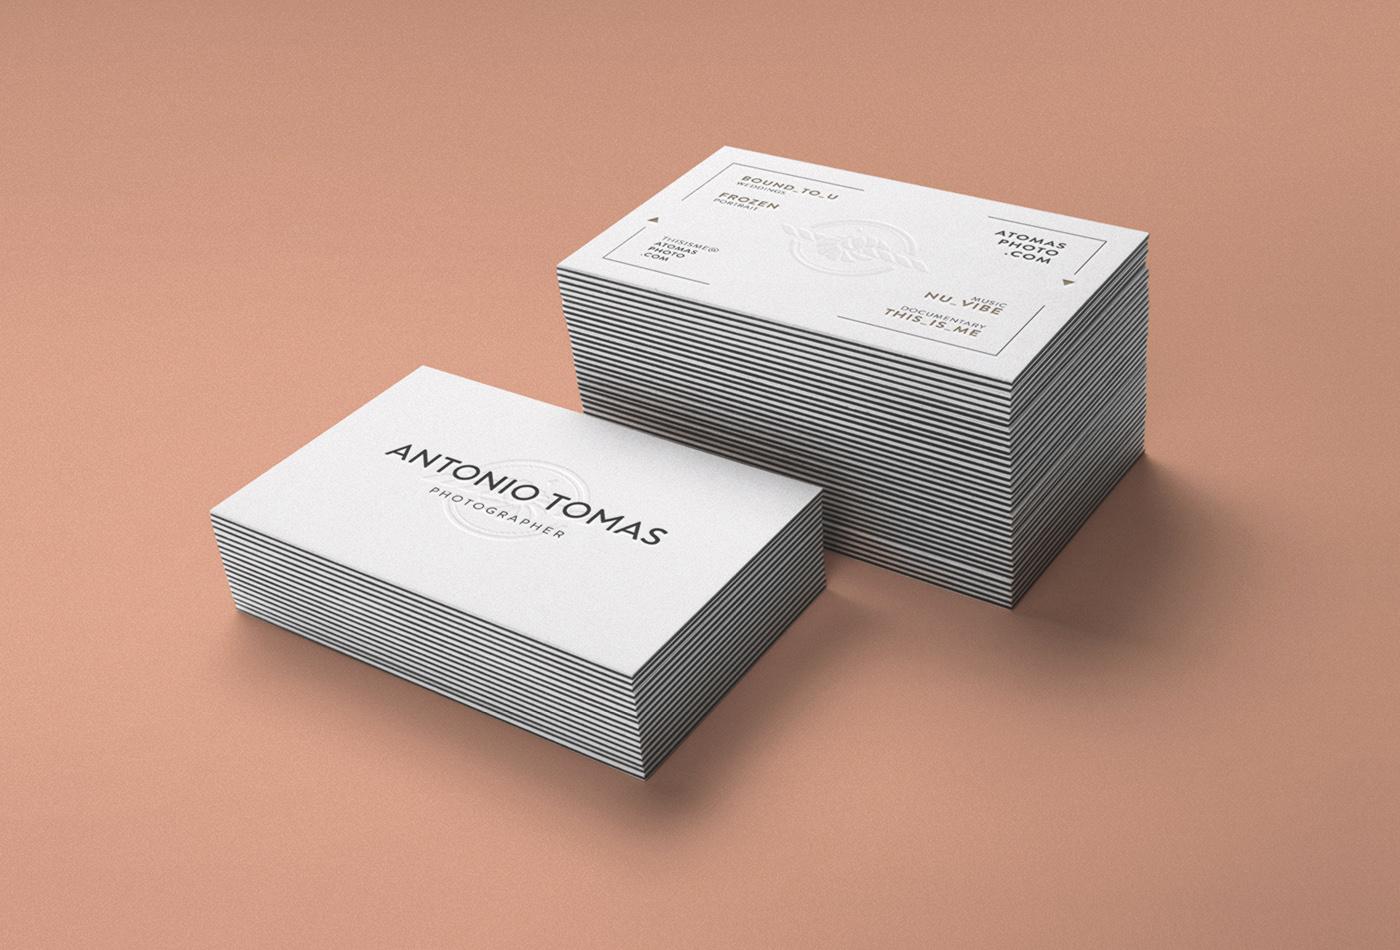 Antonio Tomas Tarjeta letterpress